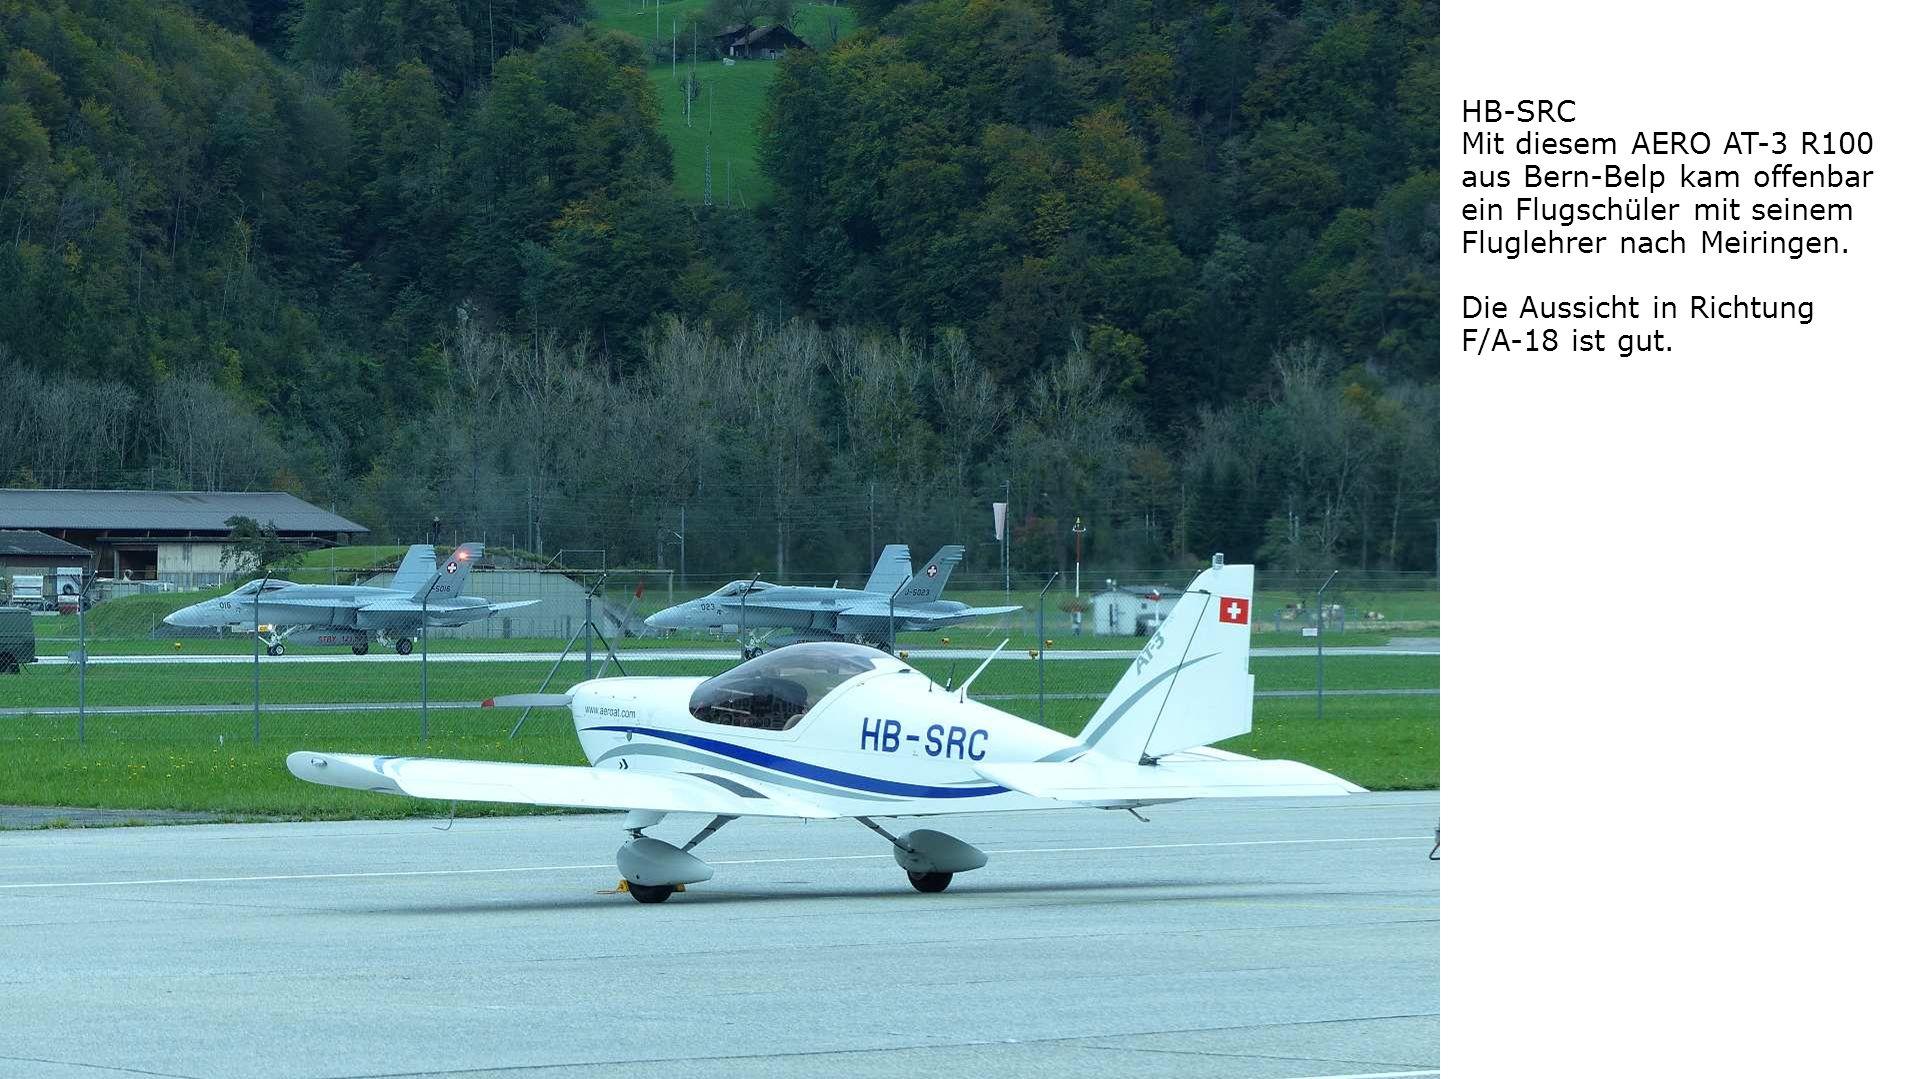 HB-SRC Mit diesem AERO AT-3 R100 aus Bern-Belp kam offenbar ein Flugschüler mit seinem Fluglehrer nach Meiringen. Die Aussicht in Richtung F/A-18 ist